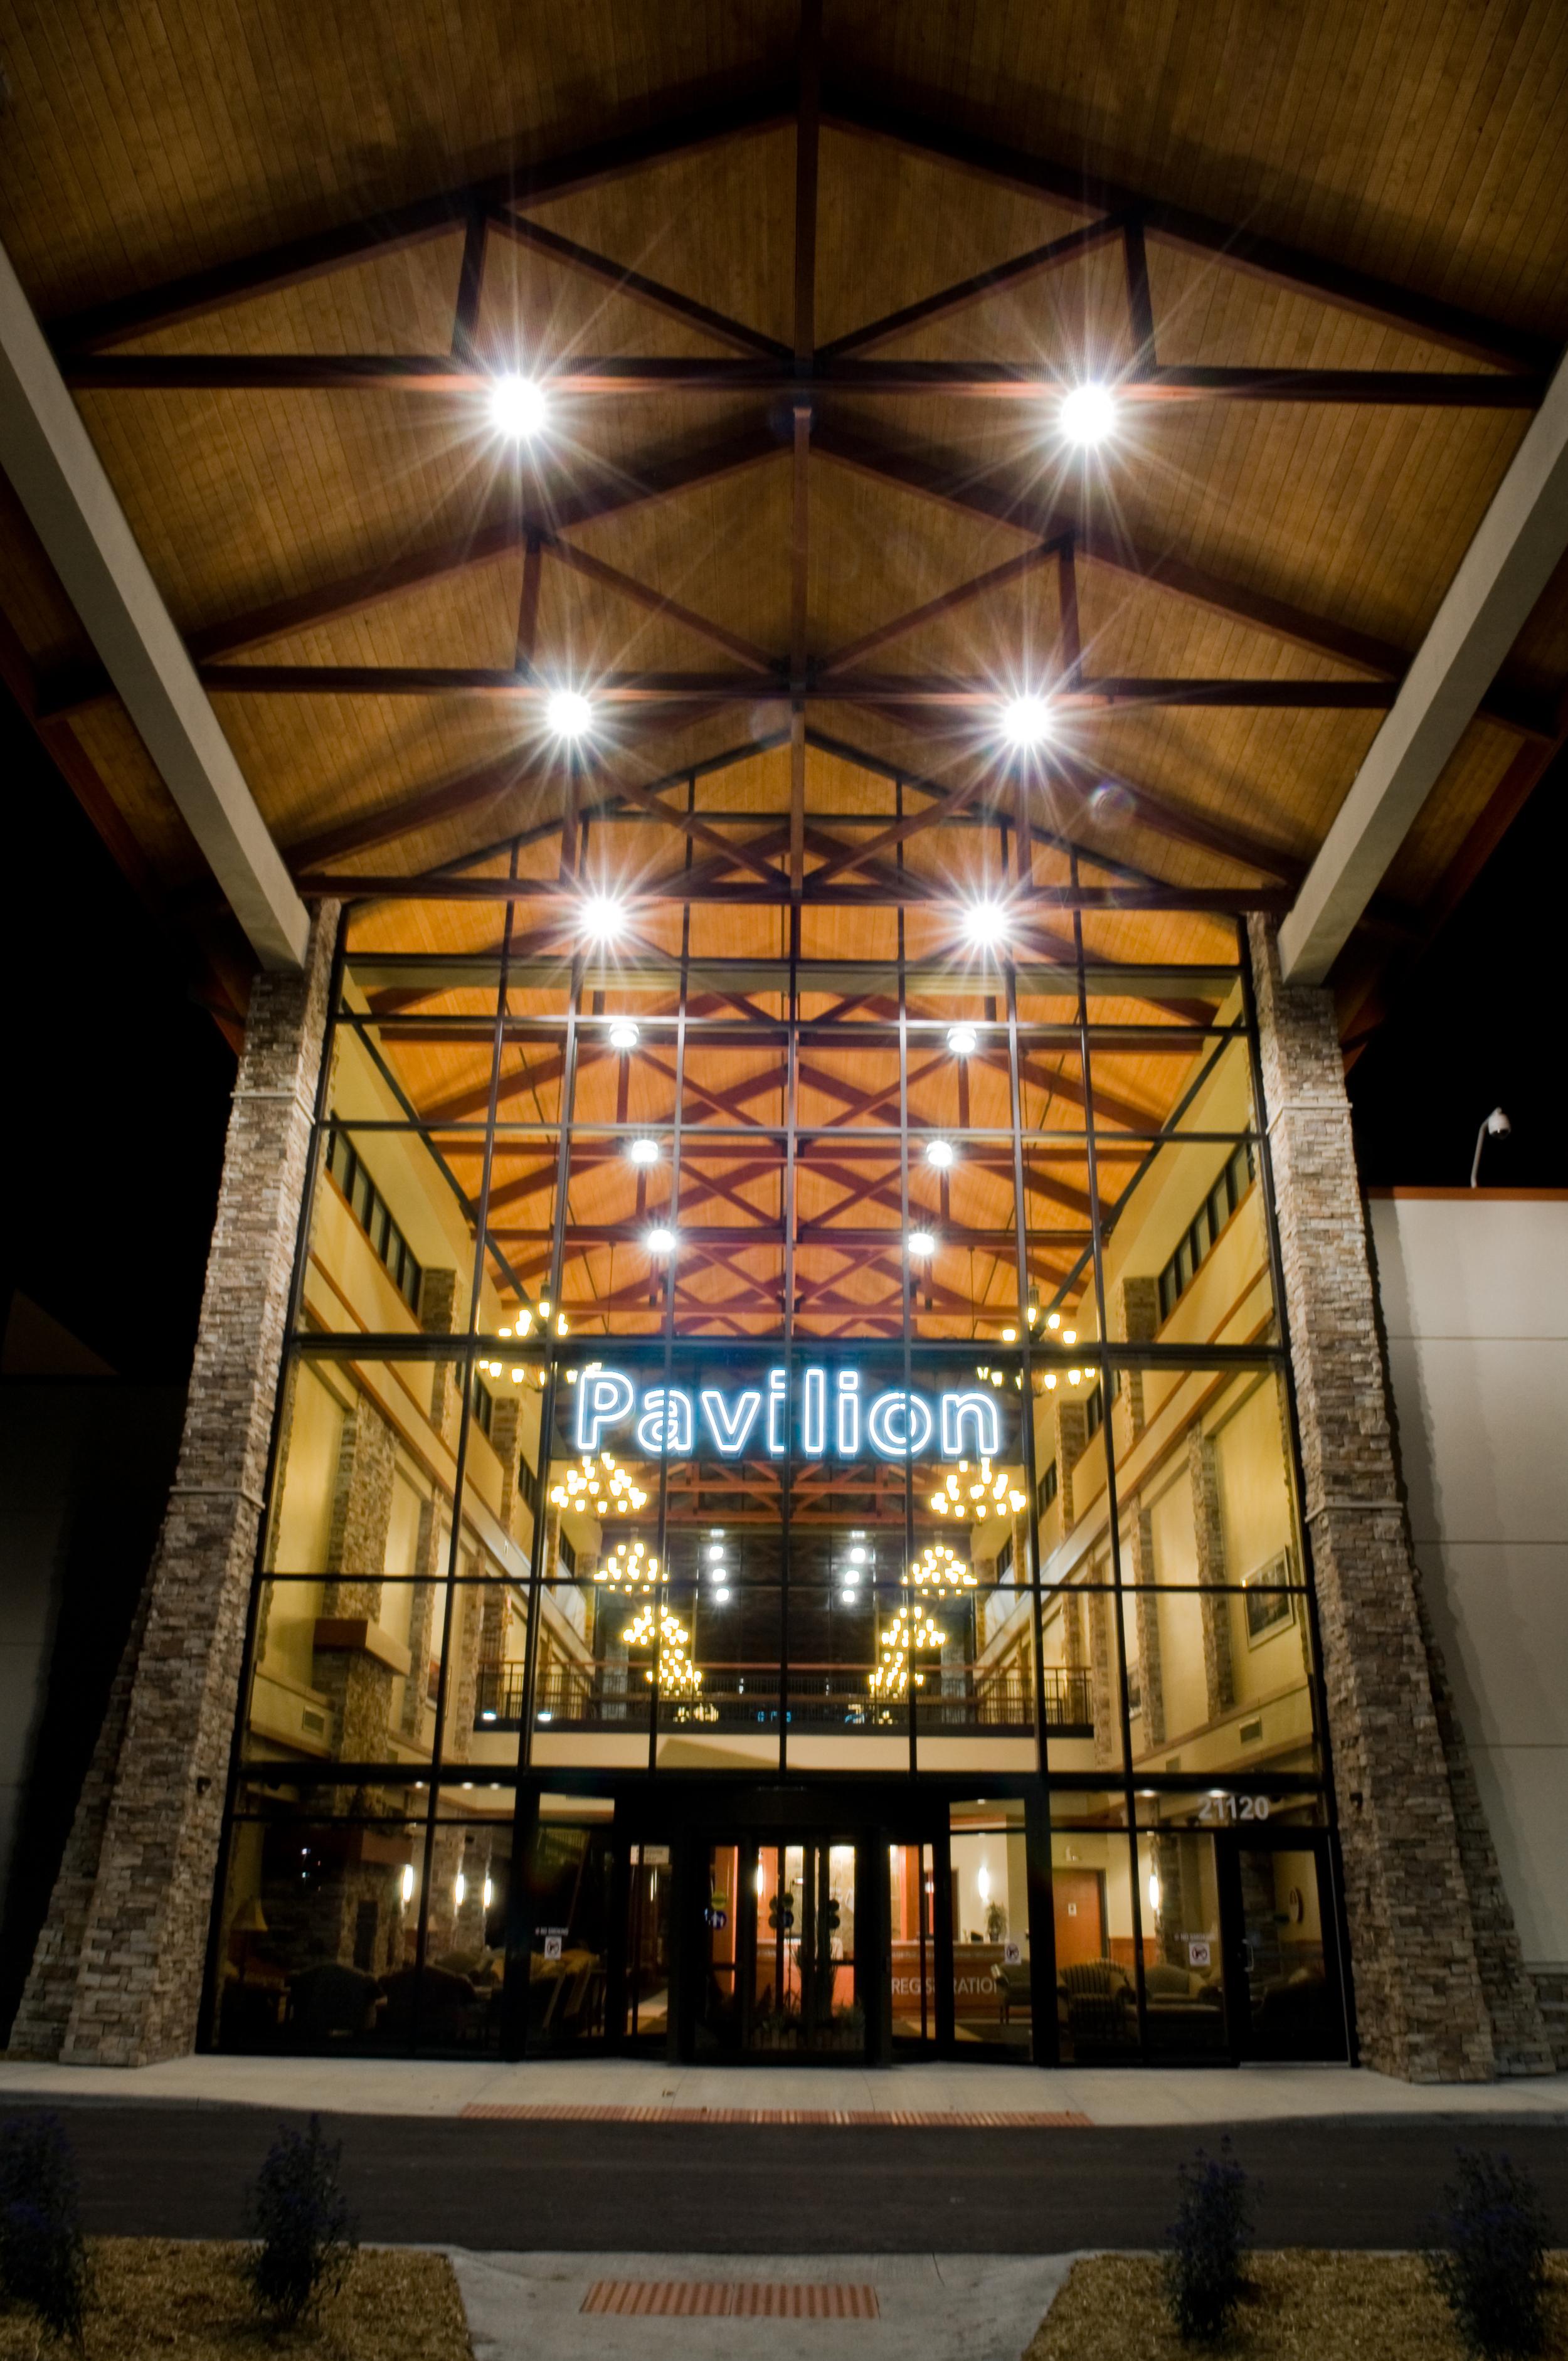 pavilion_dusk20.jpg